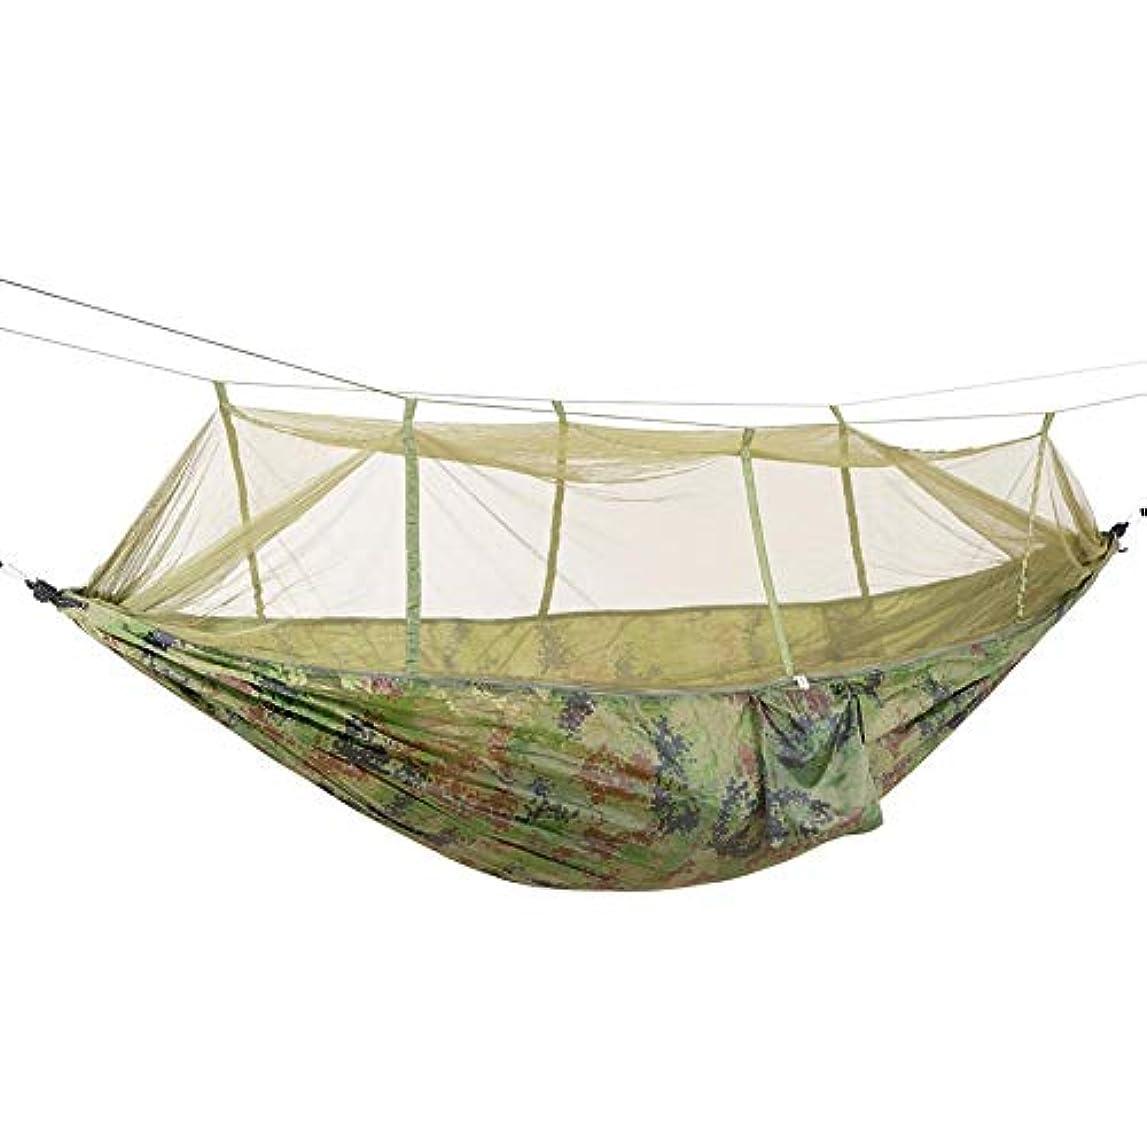 拡張逃げる静脈ハンモック パラシュート 蚊帳付き 2WAY 収納バッグ付き 幅広 丈夫 アウトドア ハイキング 旅行 キャンプ 吊りベッド 260 * 140cm 持ち運び簡単(#1)